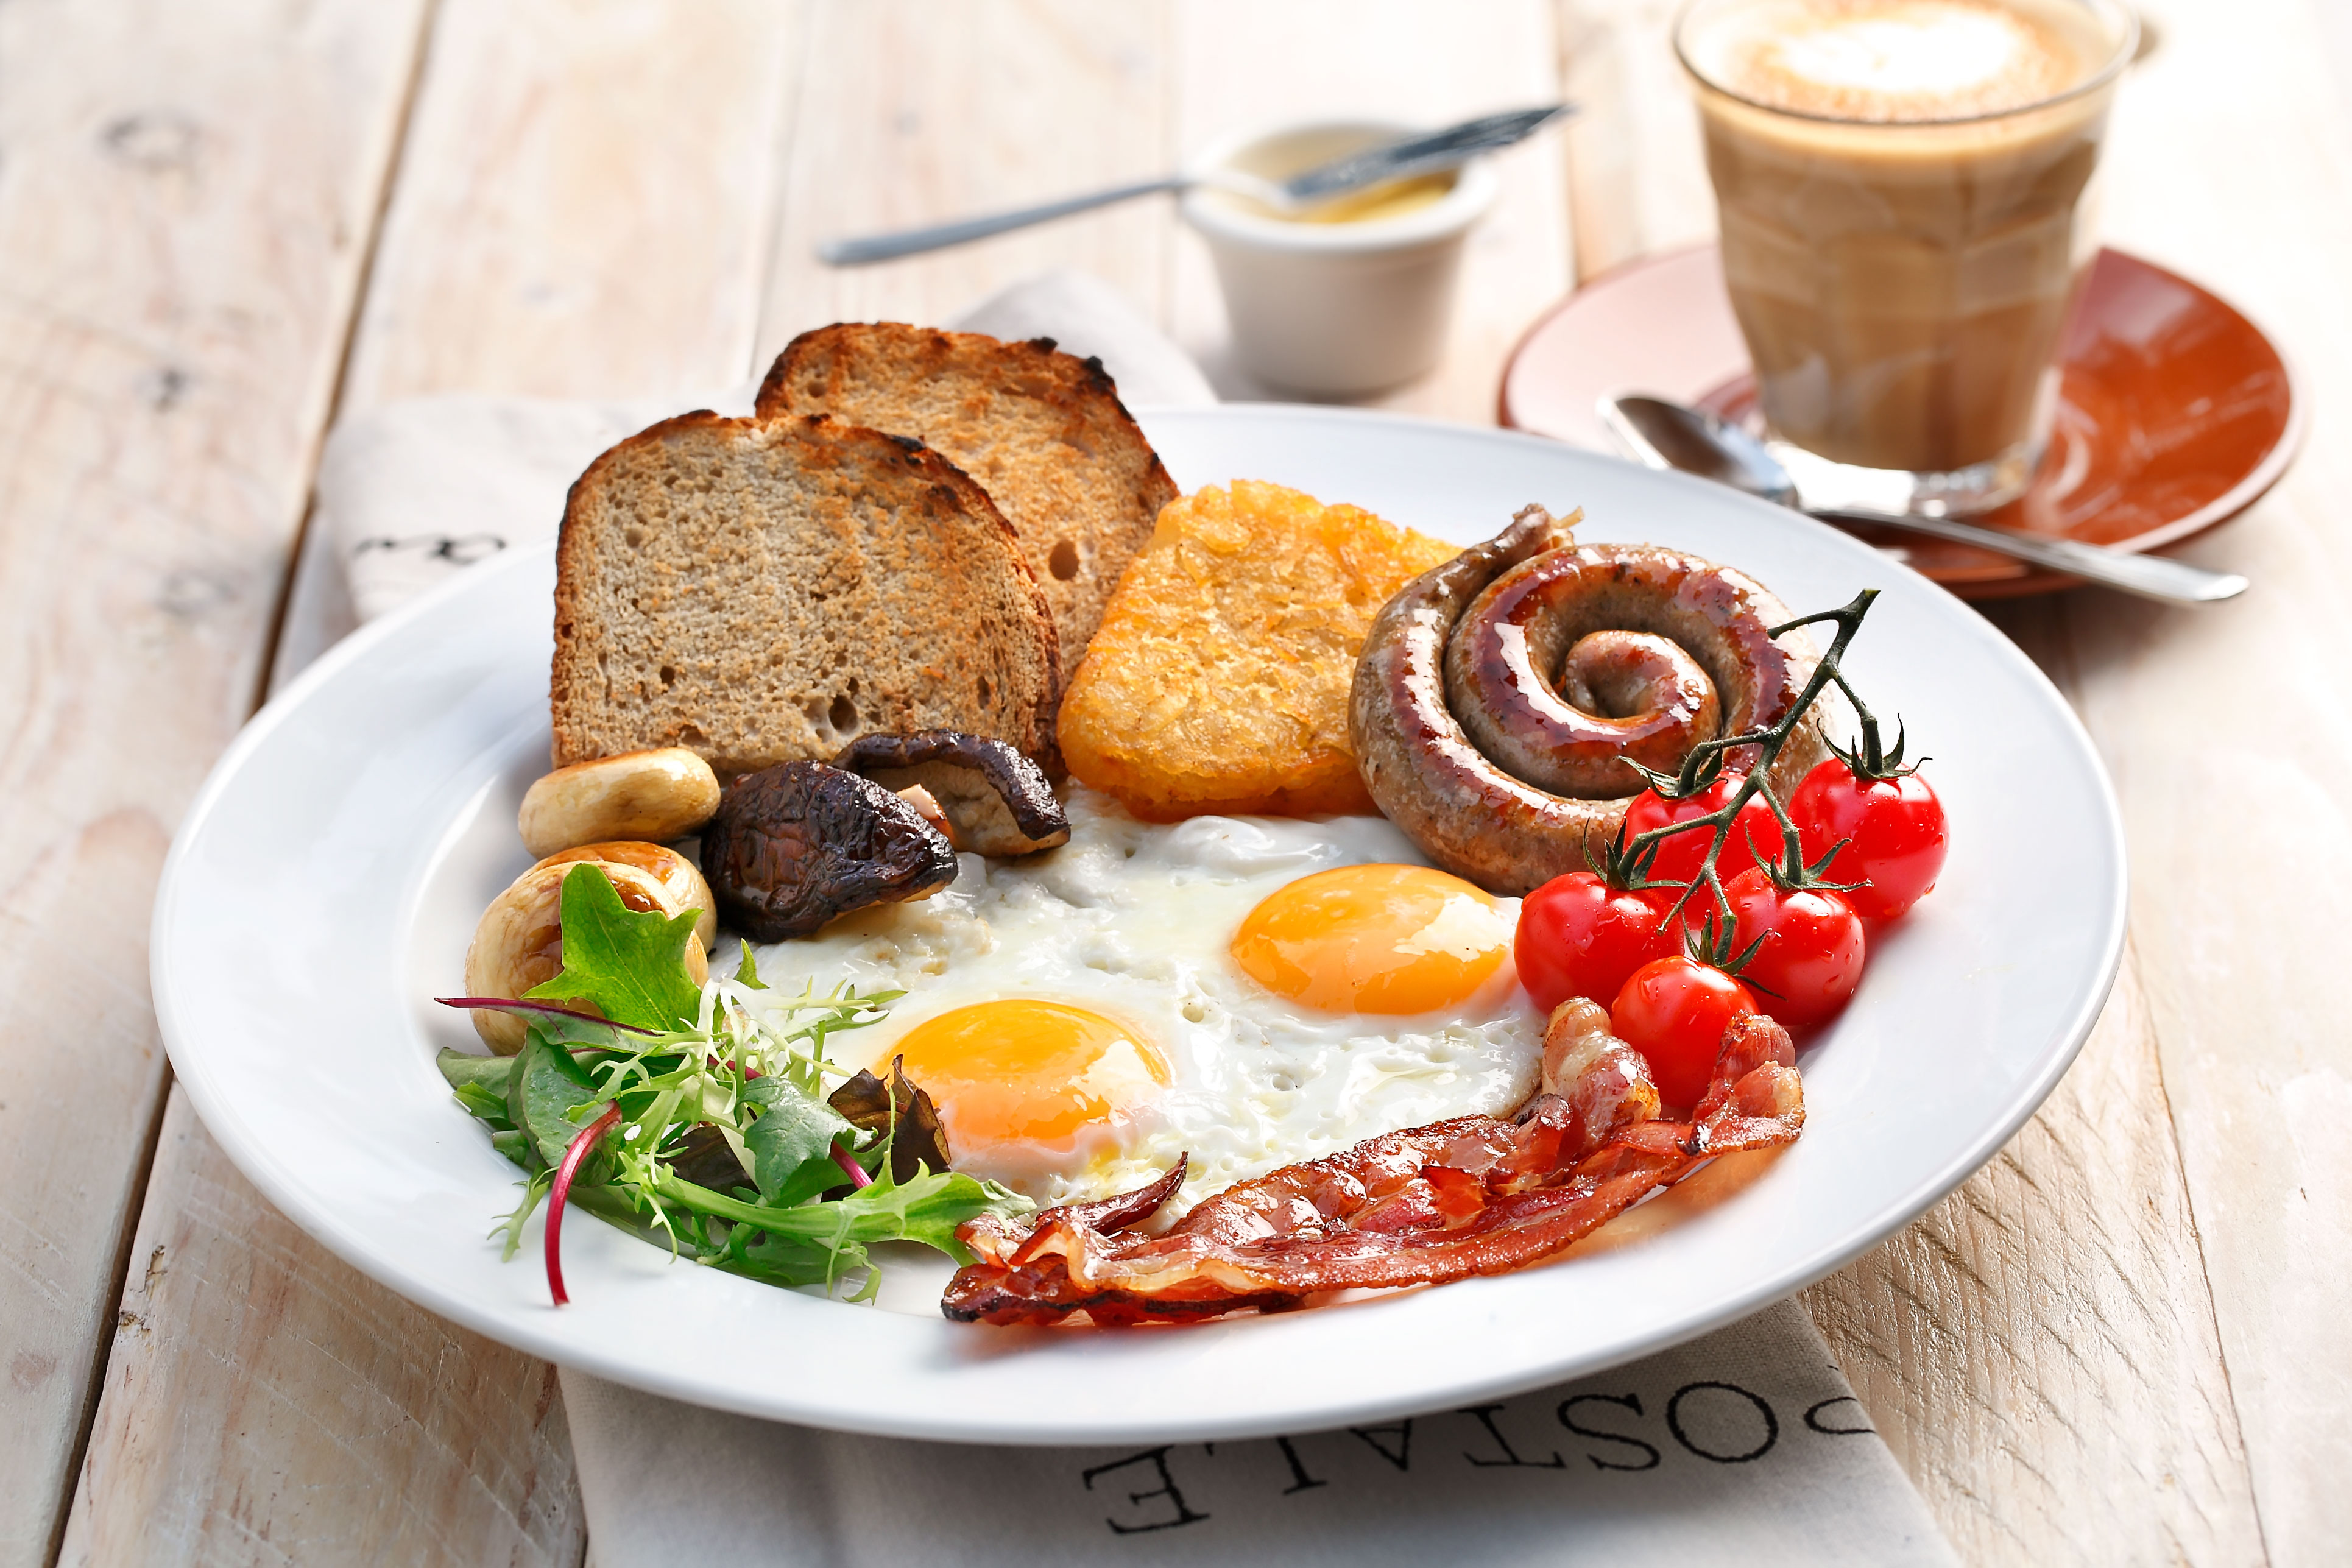 Farmer's-Style-Breakfast